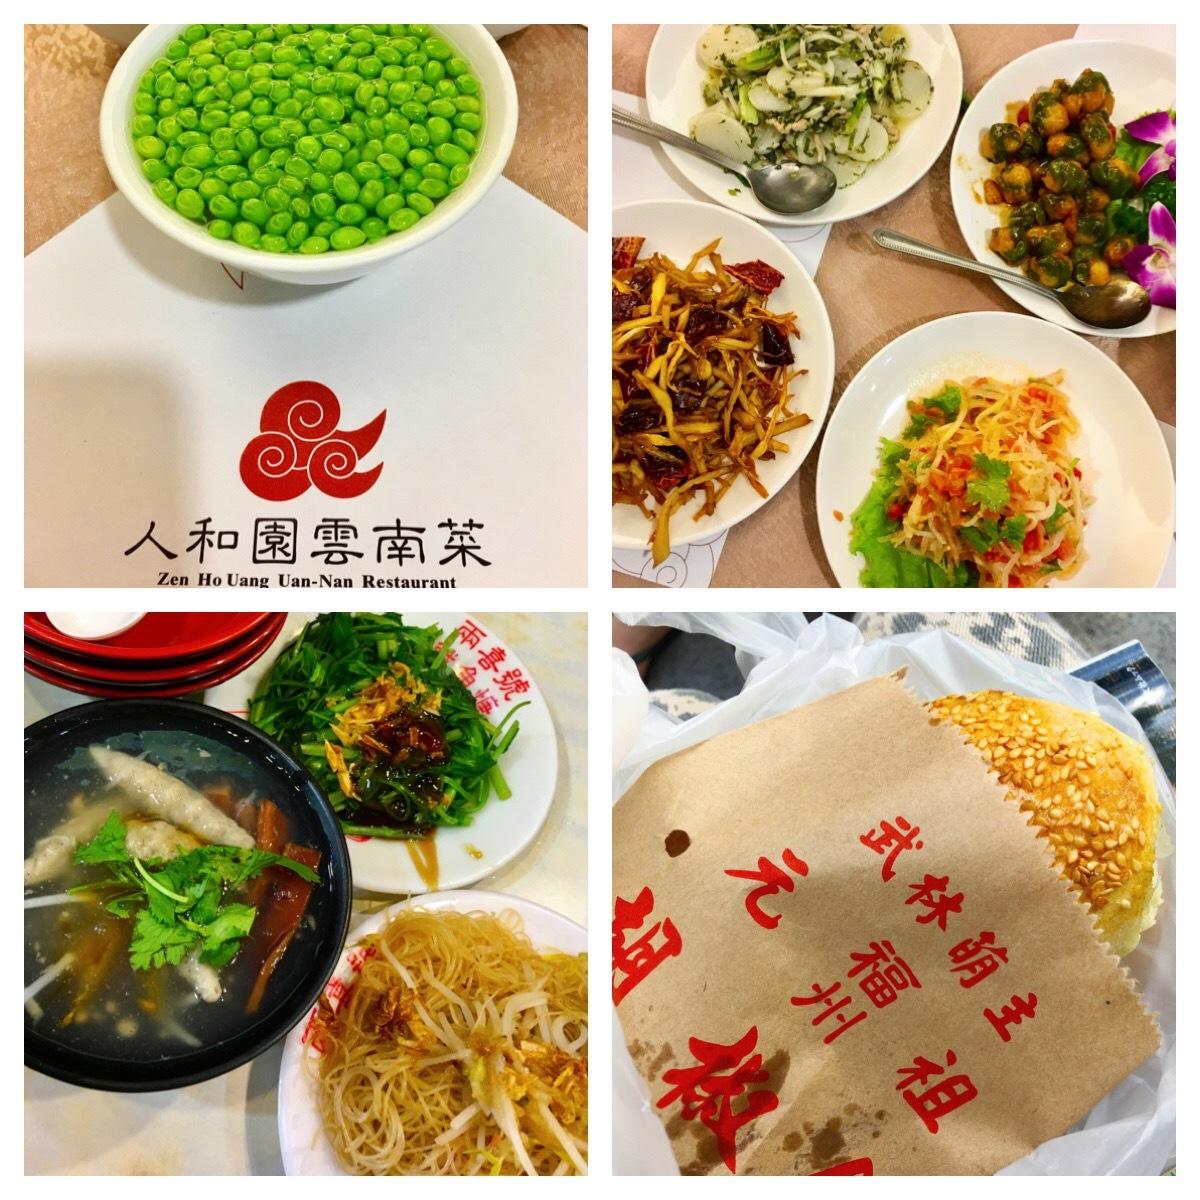 ただいま〜台湾旅行〜_e0192821_11145818.jpg